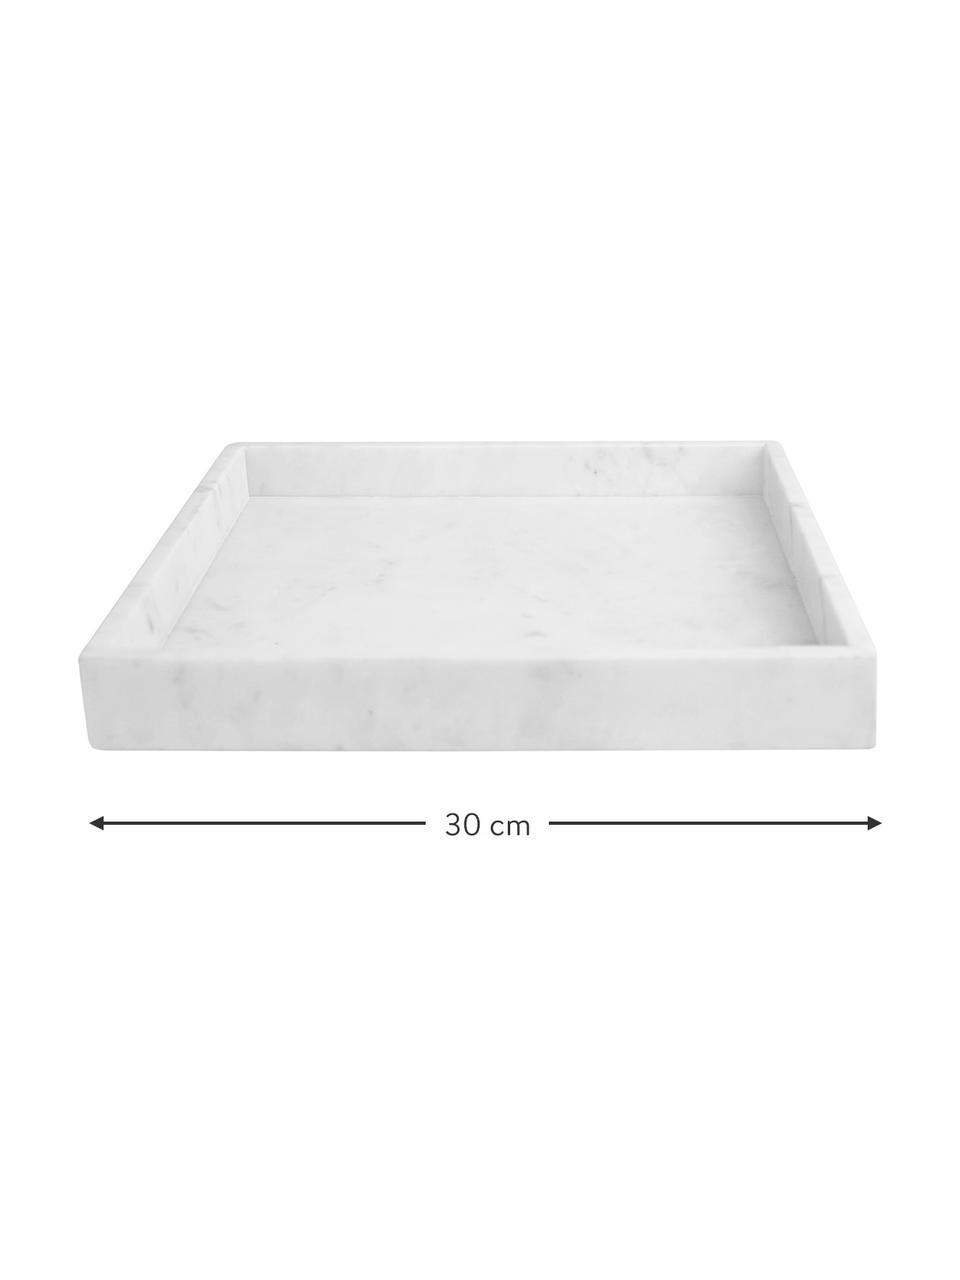 Vassoio decorativo in marmo Ciaran, Marmo, Bianco marmorizzato, Larg. 30 x Prof. 30 cm